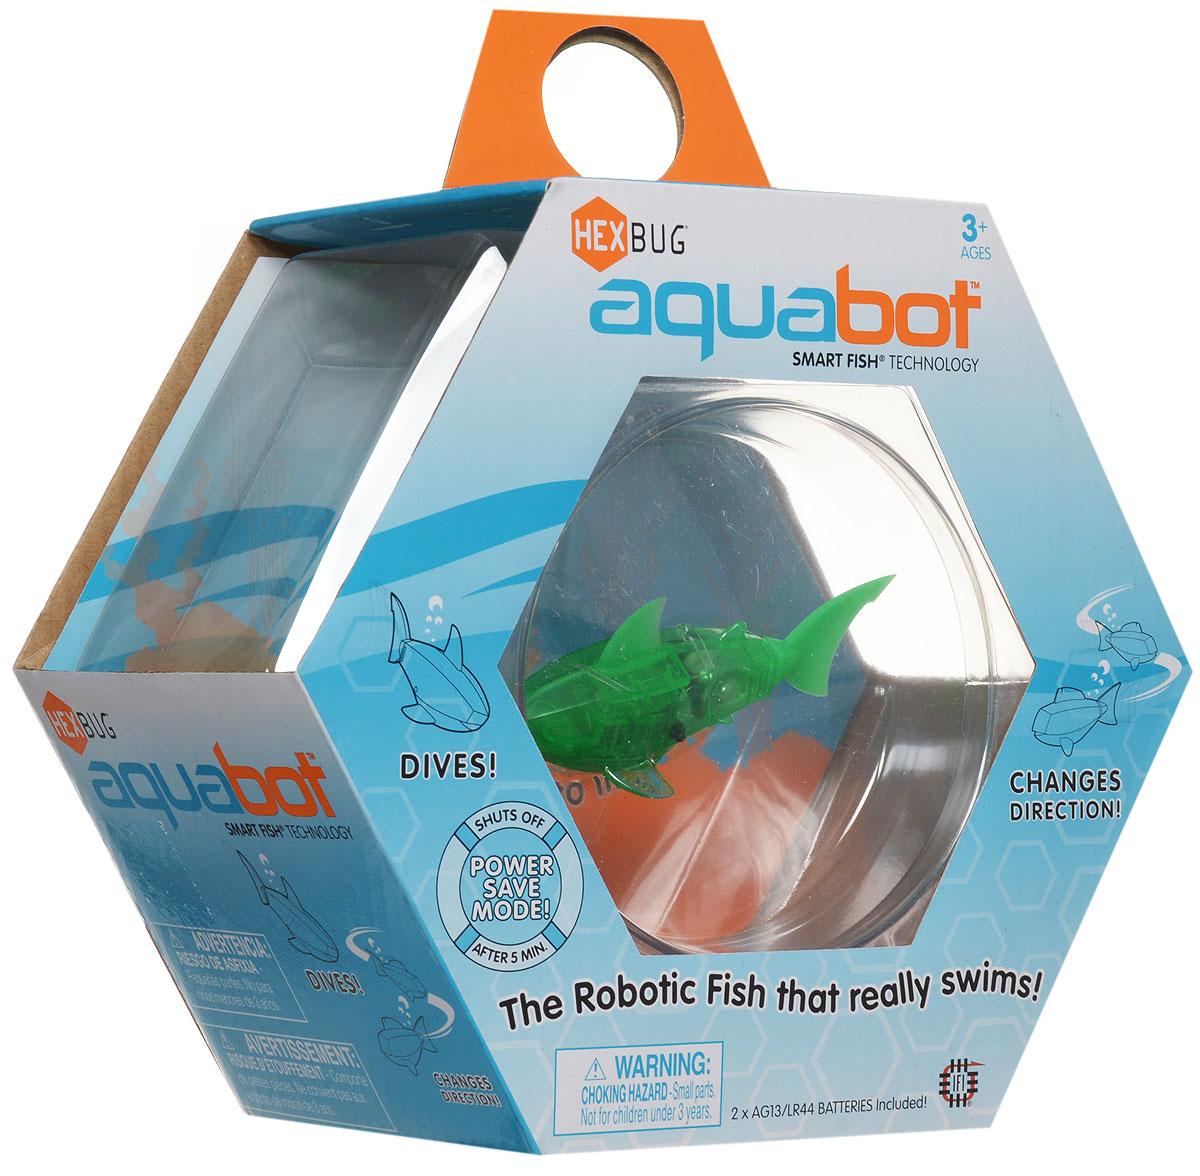 HexbugМикро-робот AquaBot с аквариумом цвет зеленый Hexbug